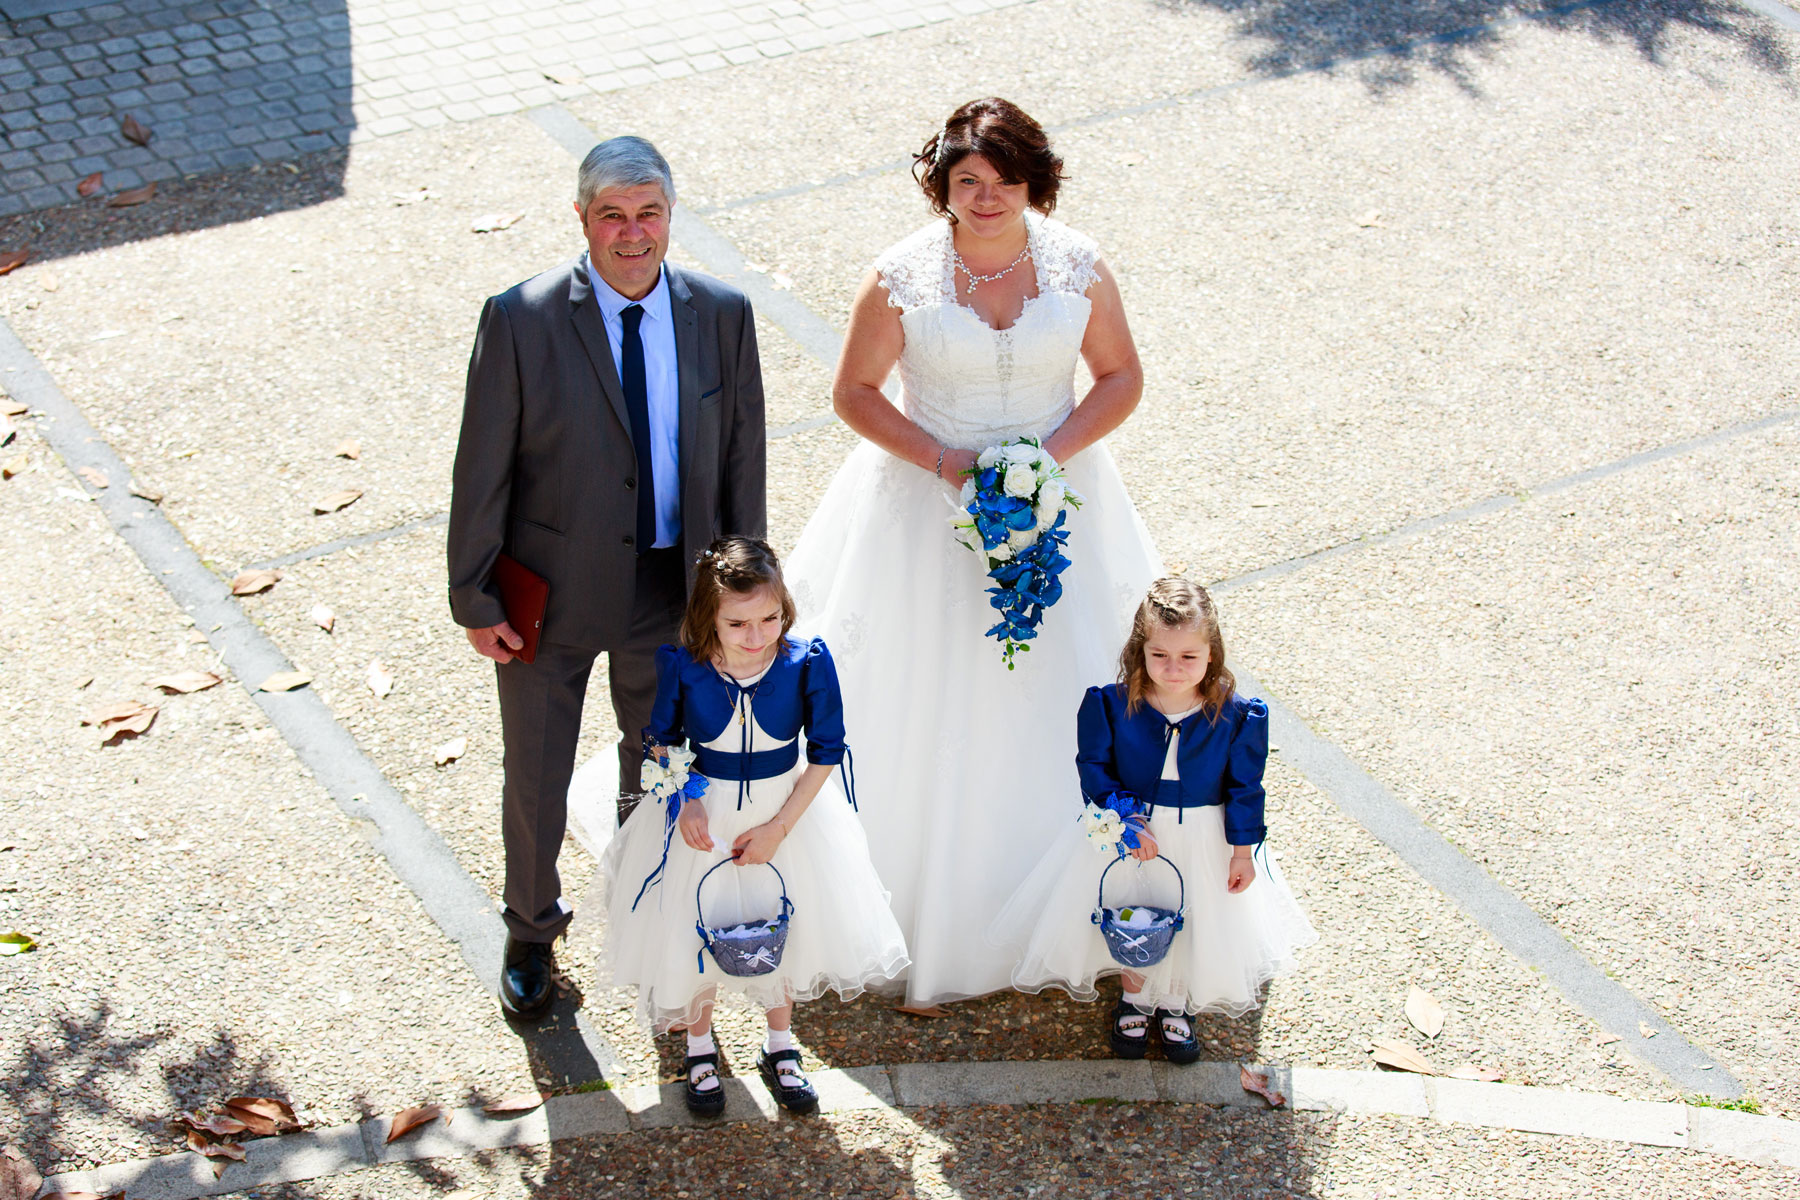 nils dessale photographe de mariage en bretagne sud